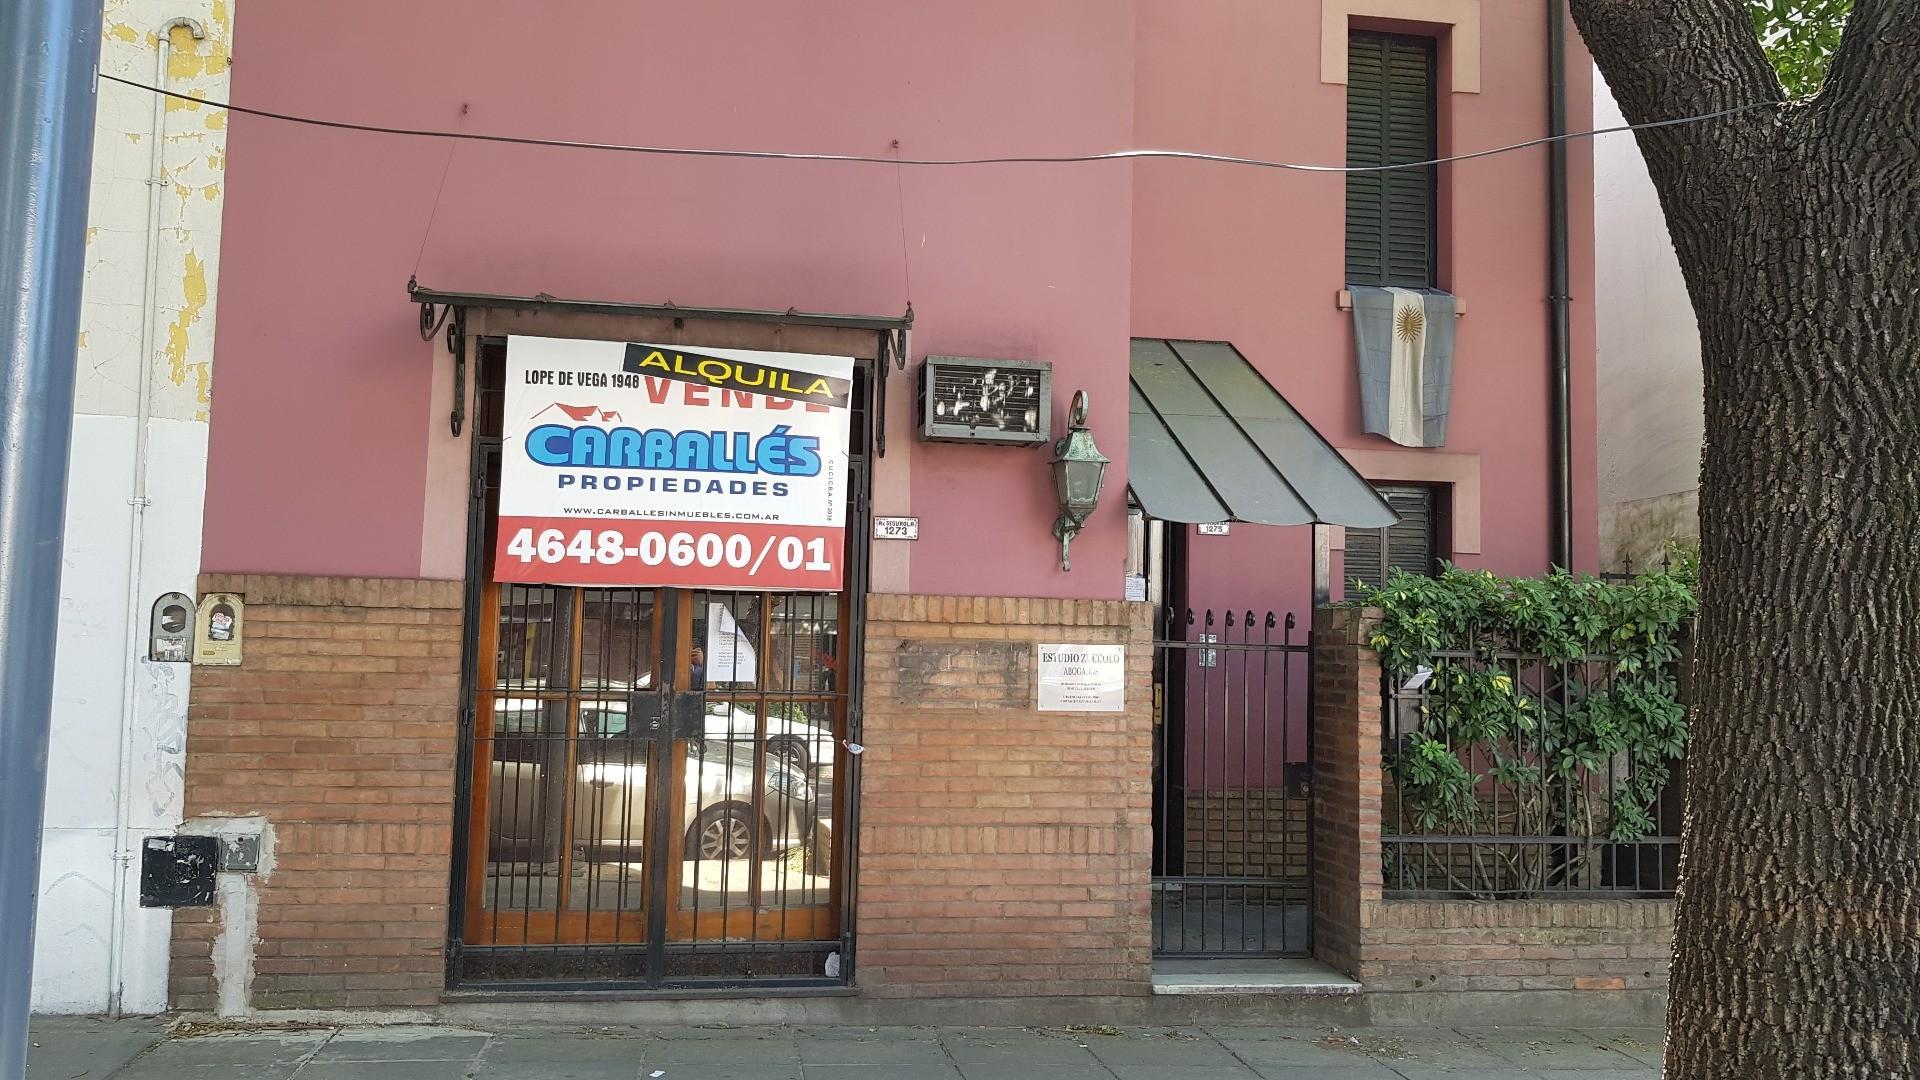 Oficina Local Recepcion 2 Oficinas + 1 Privado Patio Cocina PA 2 Oficinas 1 Salda de Firmas